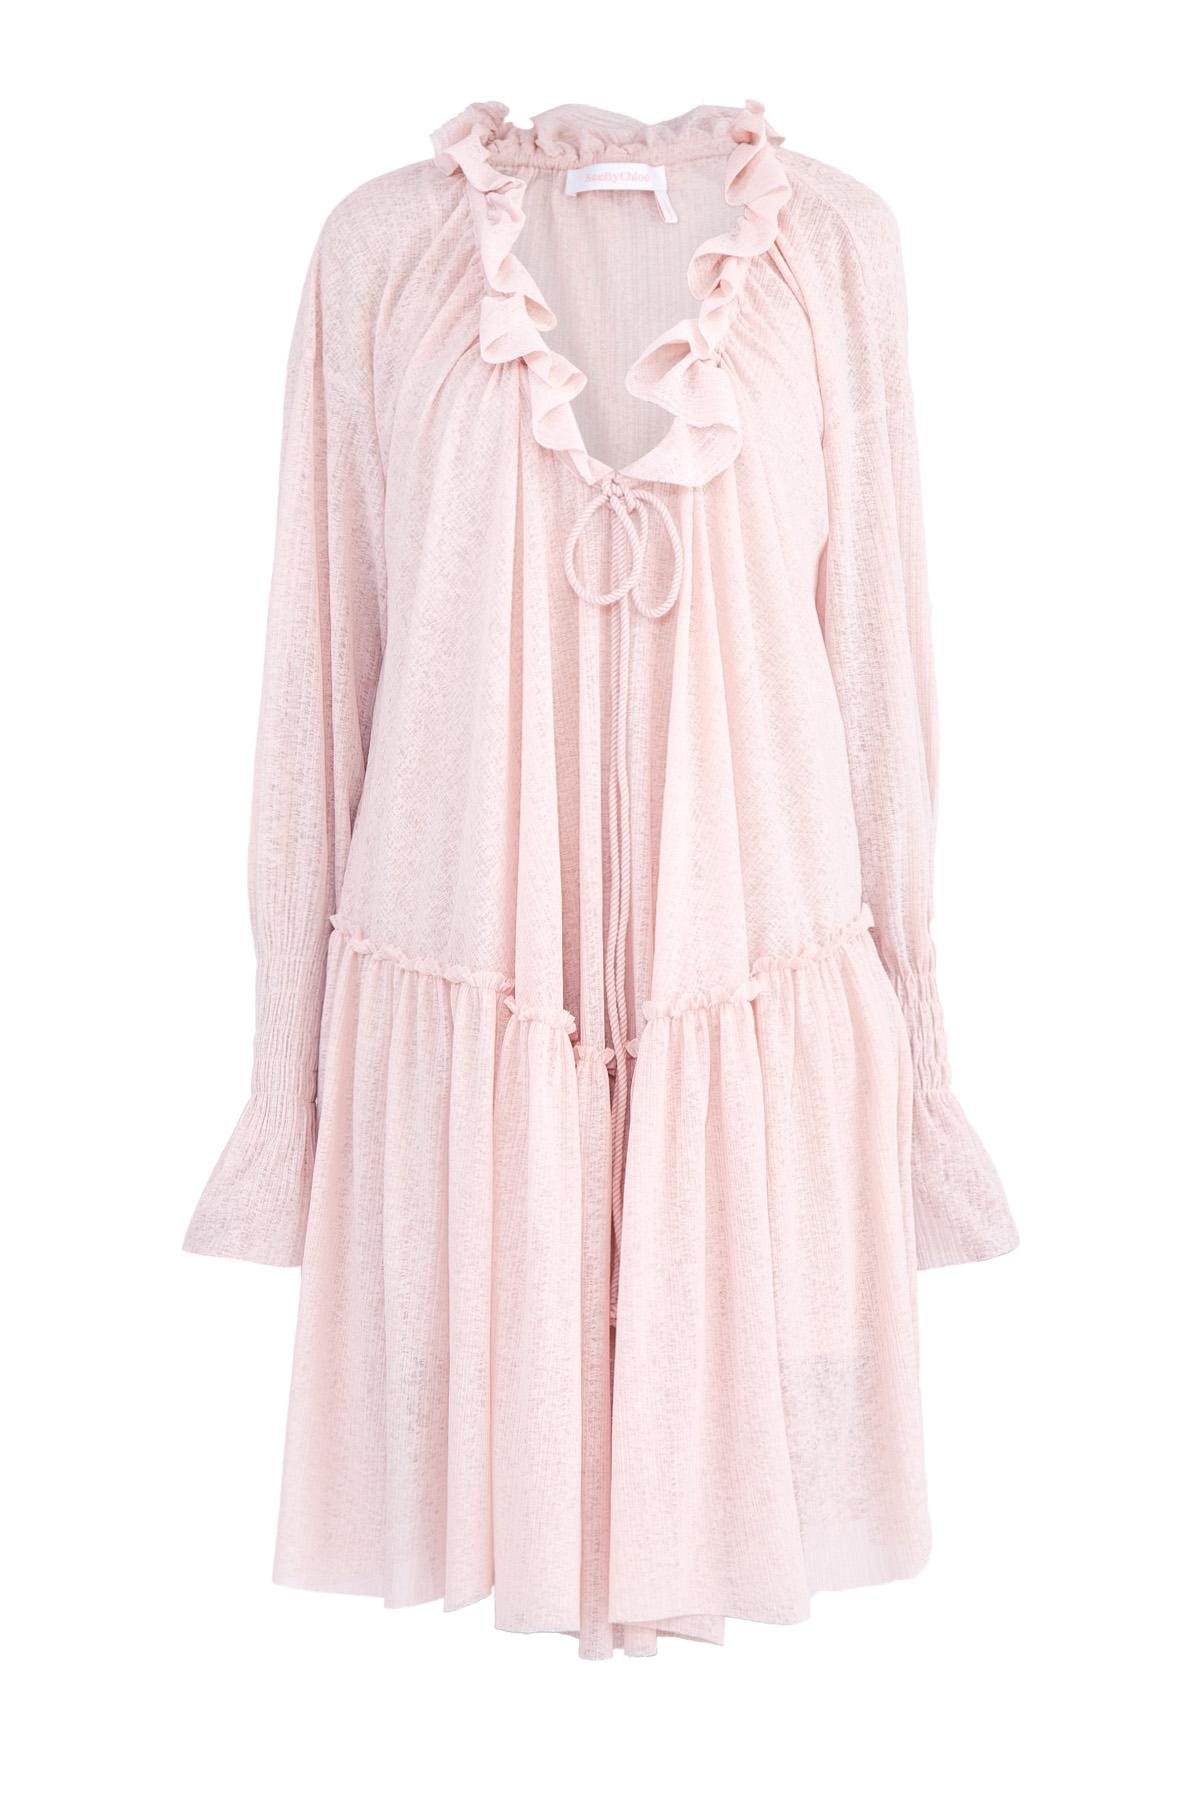 Купить Платье, SEE BY CHLOE, Франция, полиэстер 100%